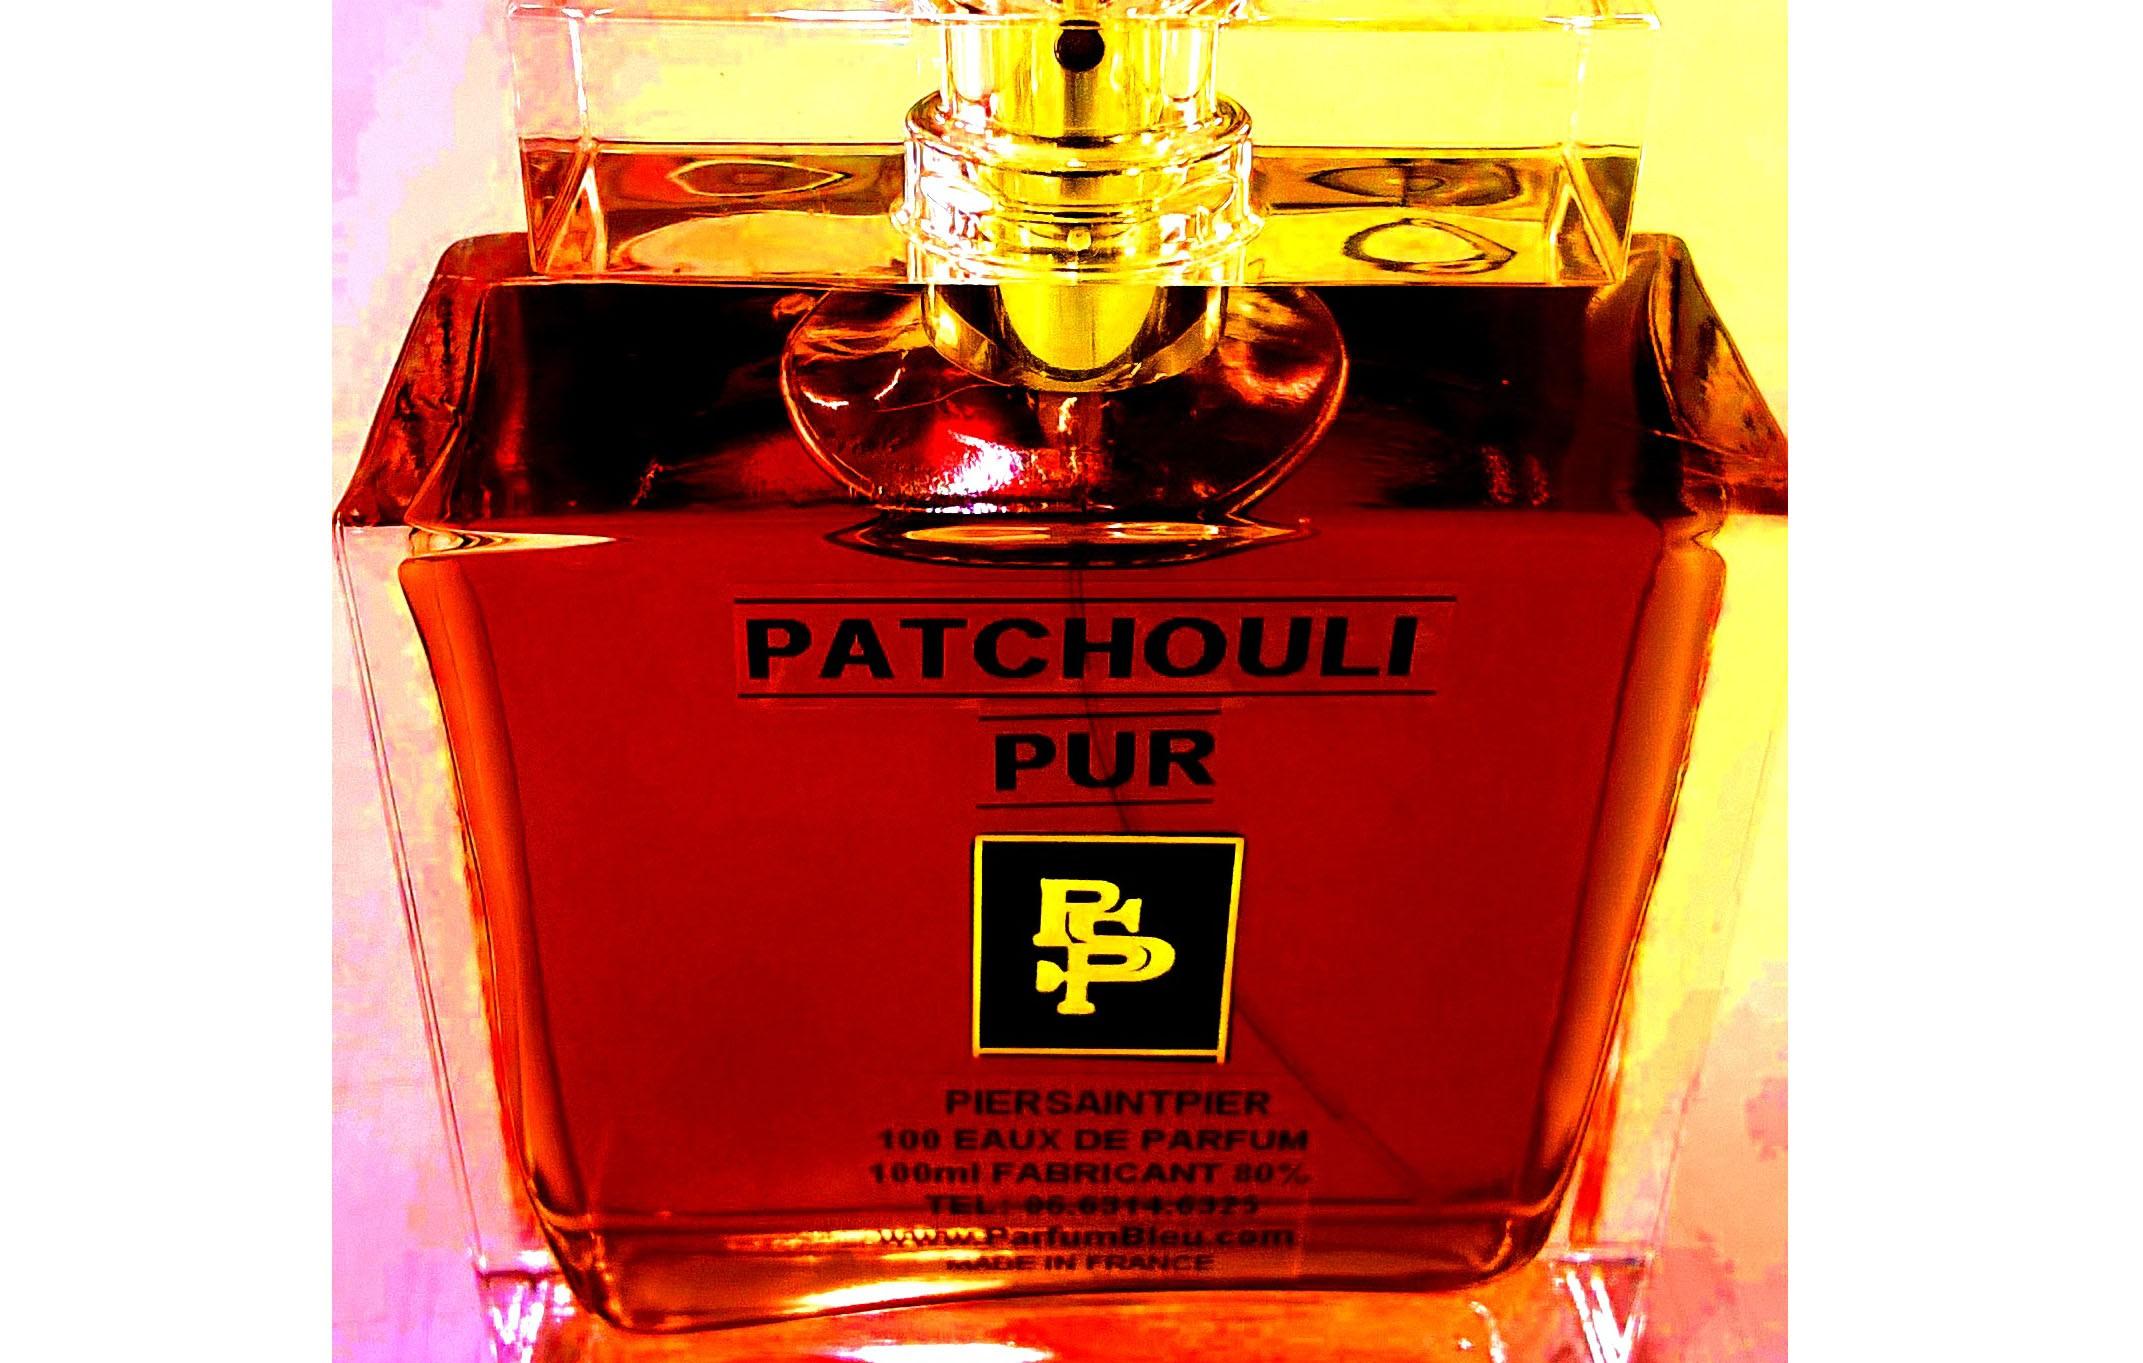 PATCHOULI PUR (Flacon Luxe / Sans Boite)